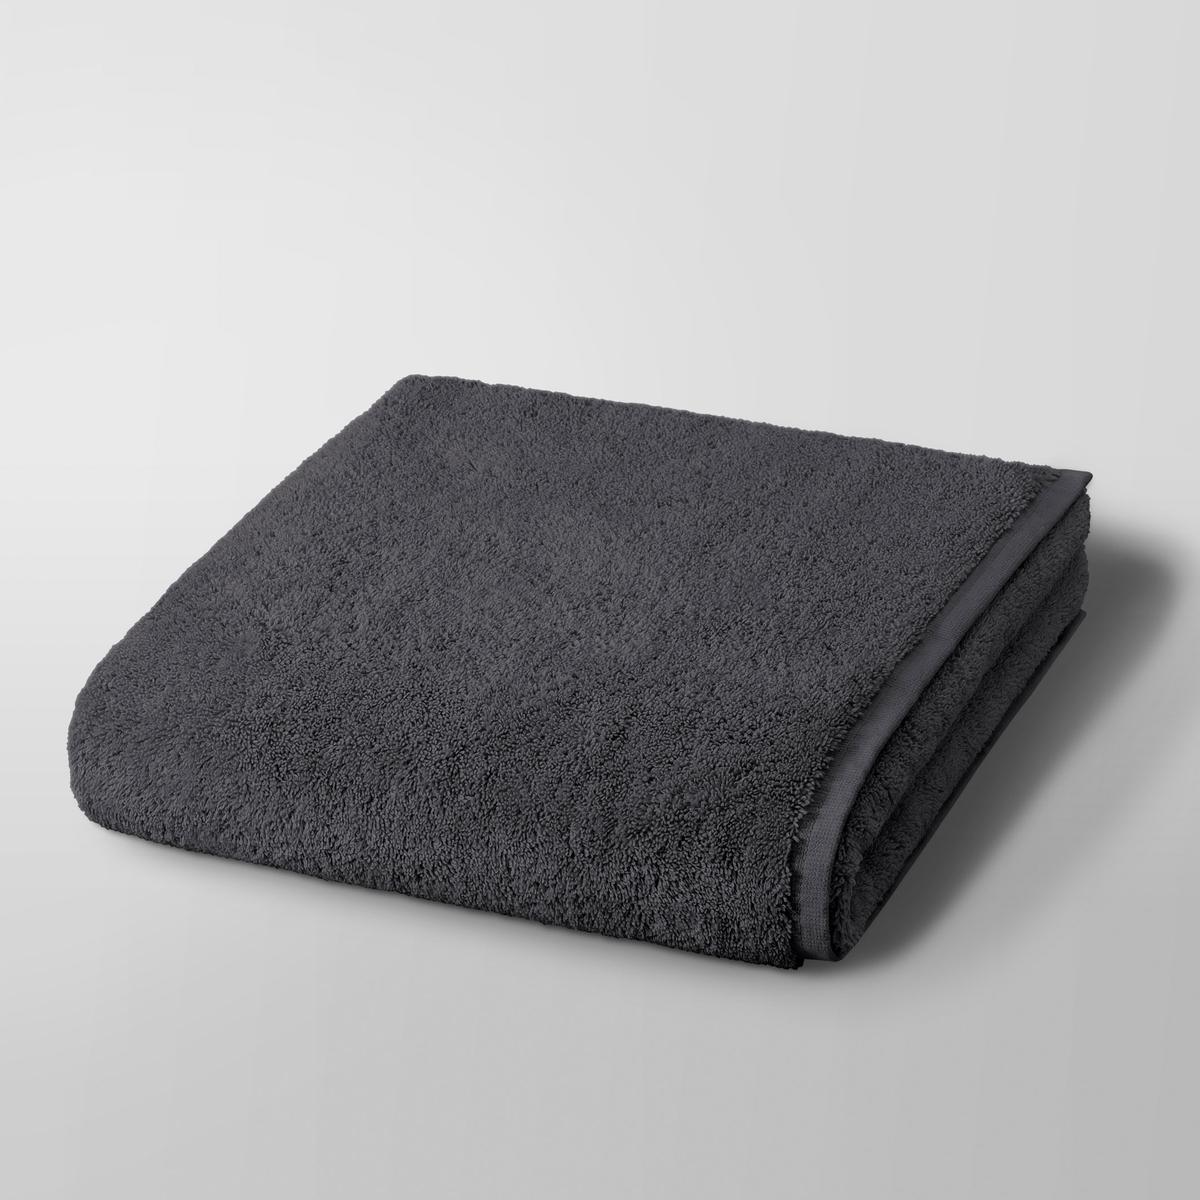 Полотенце банное Gilbear, 100%хлопокБанное полотенце Gilbear. Очень нежная, плотная и мягкая махровая ткань. 100% чесаный хлопок 600г/м?, очень мягкий и устойчивый к износу. Машинная стирка при 60 °С. Размер : 68 x 140 см.<br><br>Цвет: сине-зеленый,темно-серый<br>Размер: 68 x 140  см.68 x 140  см